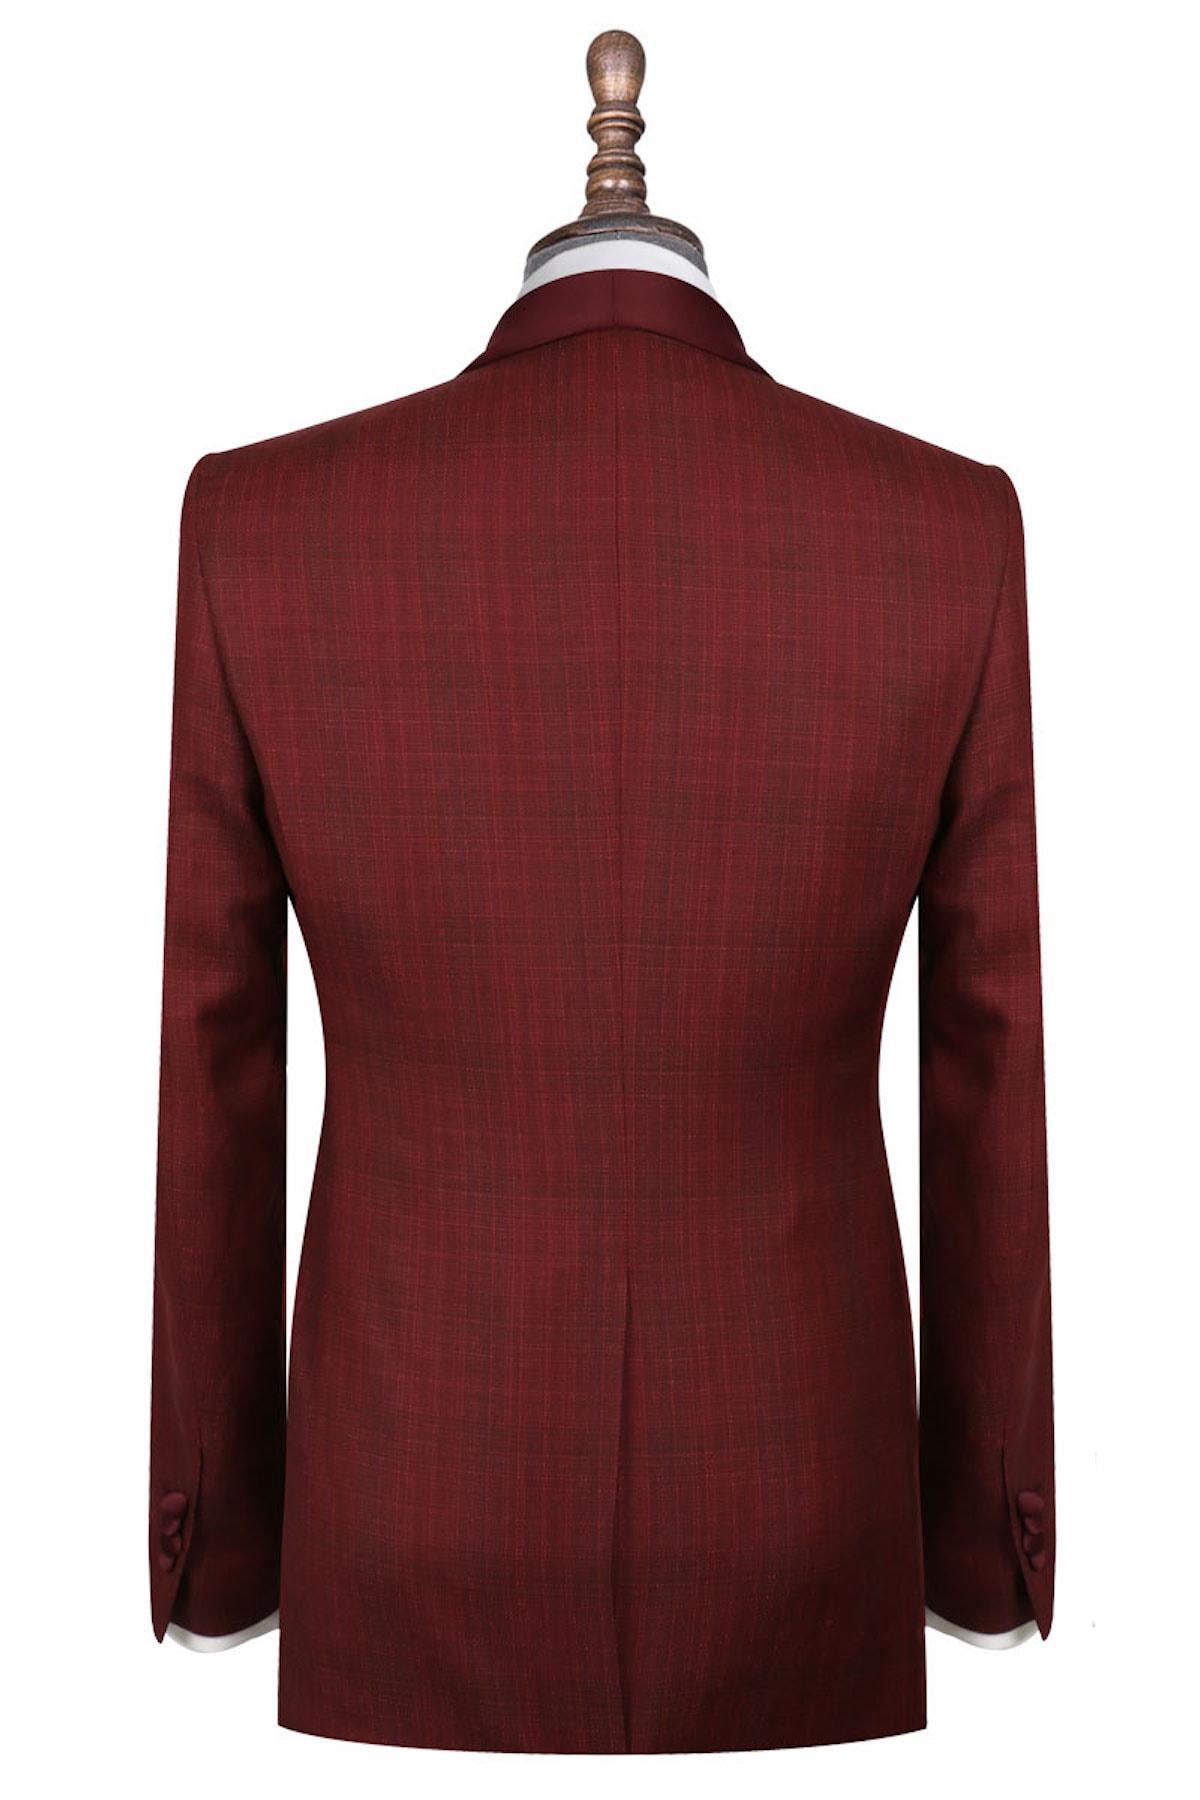 InStitchu Collection The Maldini Maroon Wool-Linen-Silk Tuxedo Jacket